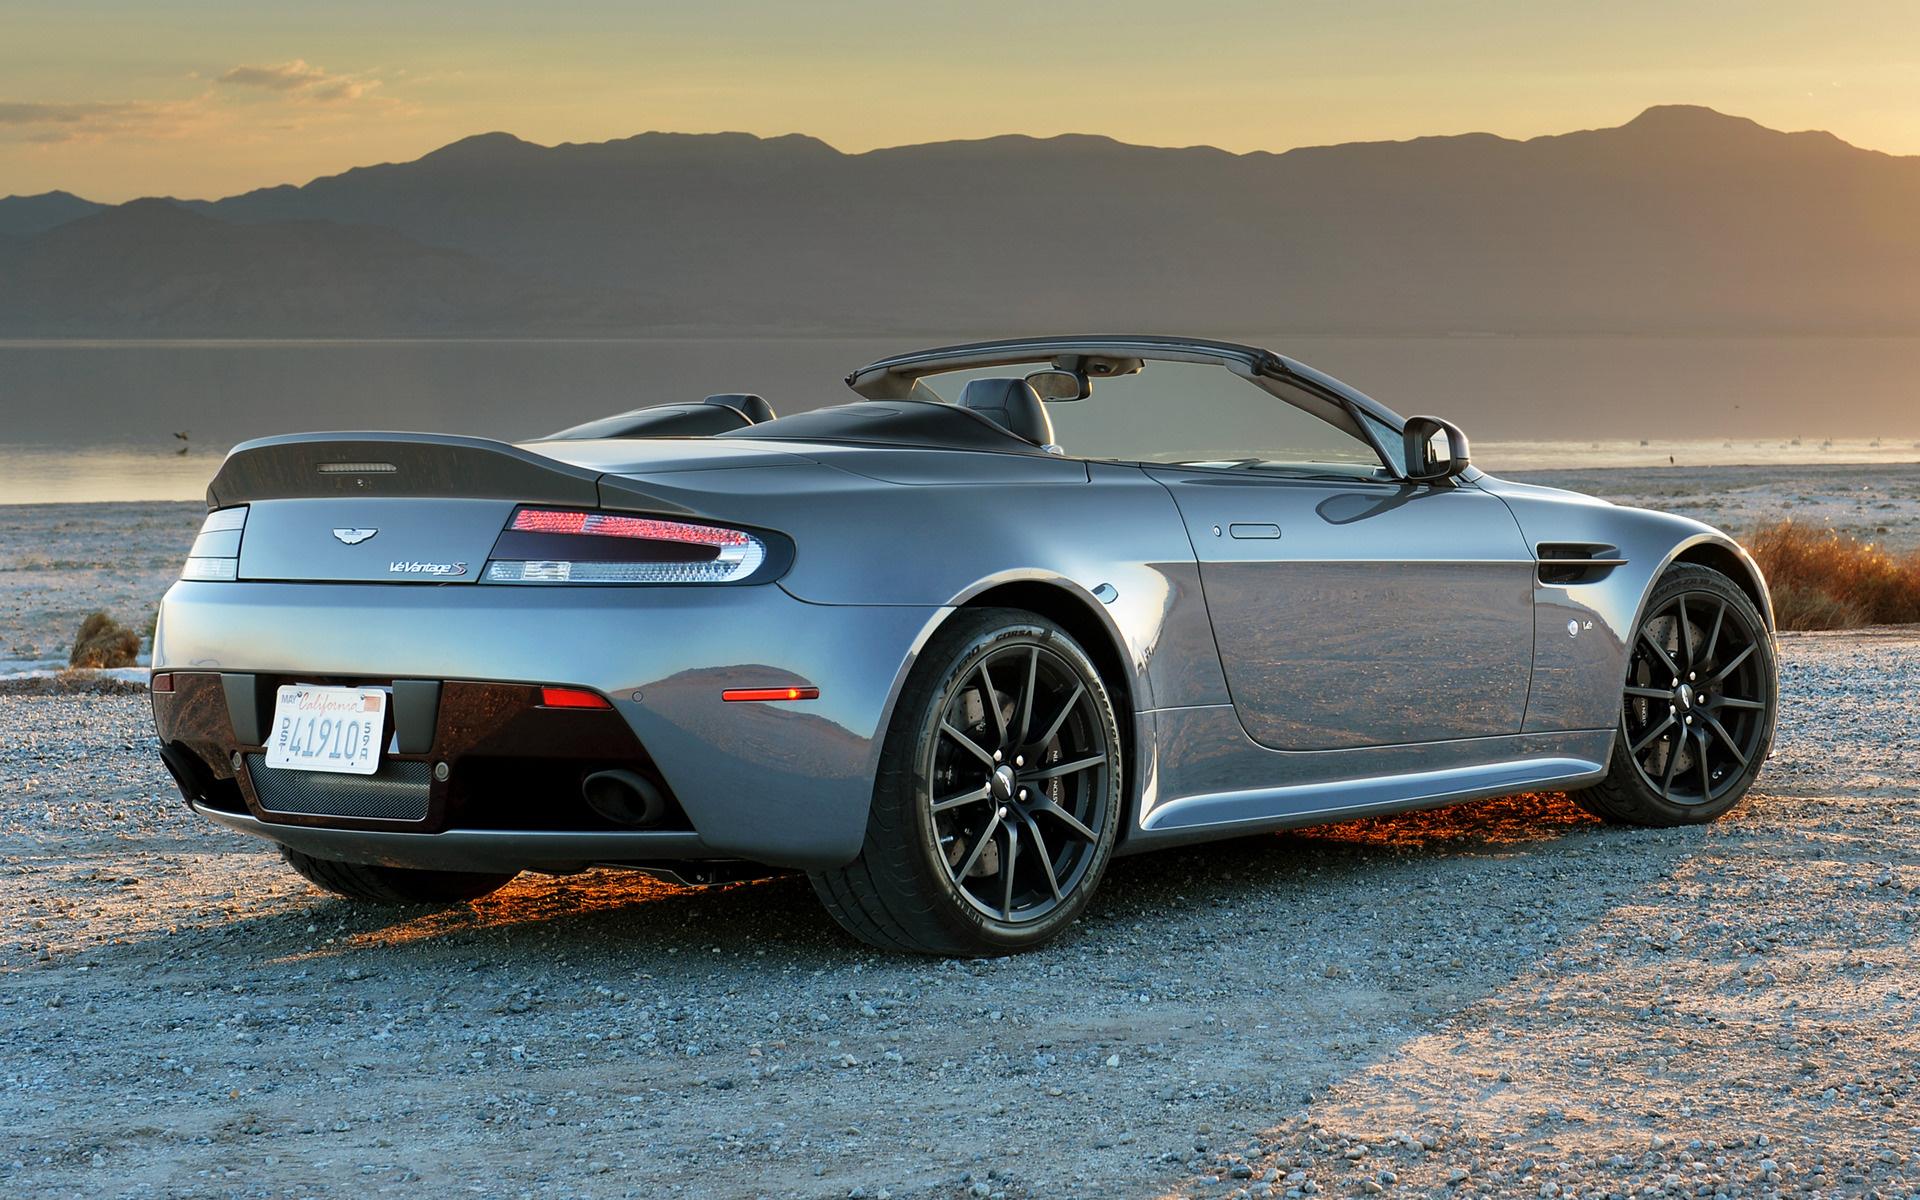 2015 Aston Martin V12 Vantage S Roadster Us Papeis De Parede E Imagens De Fundo Em Hd Car Pixel